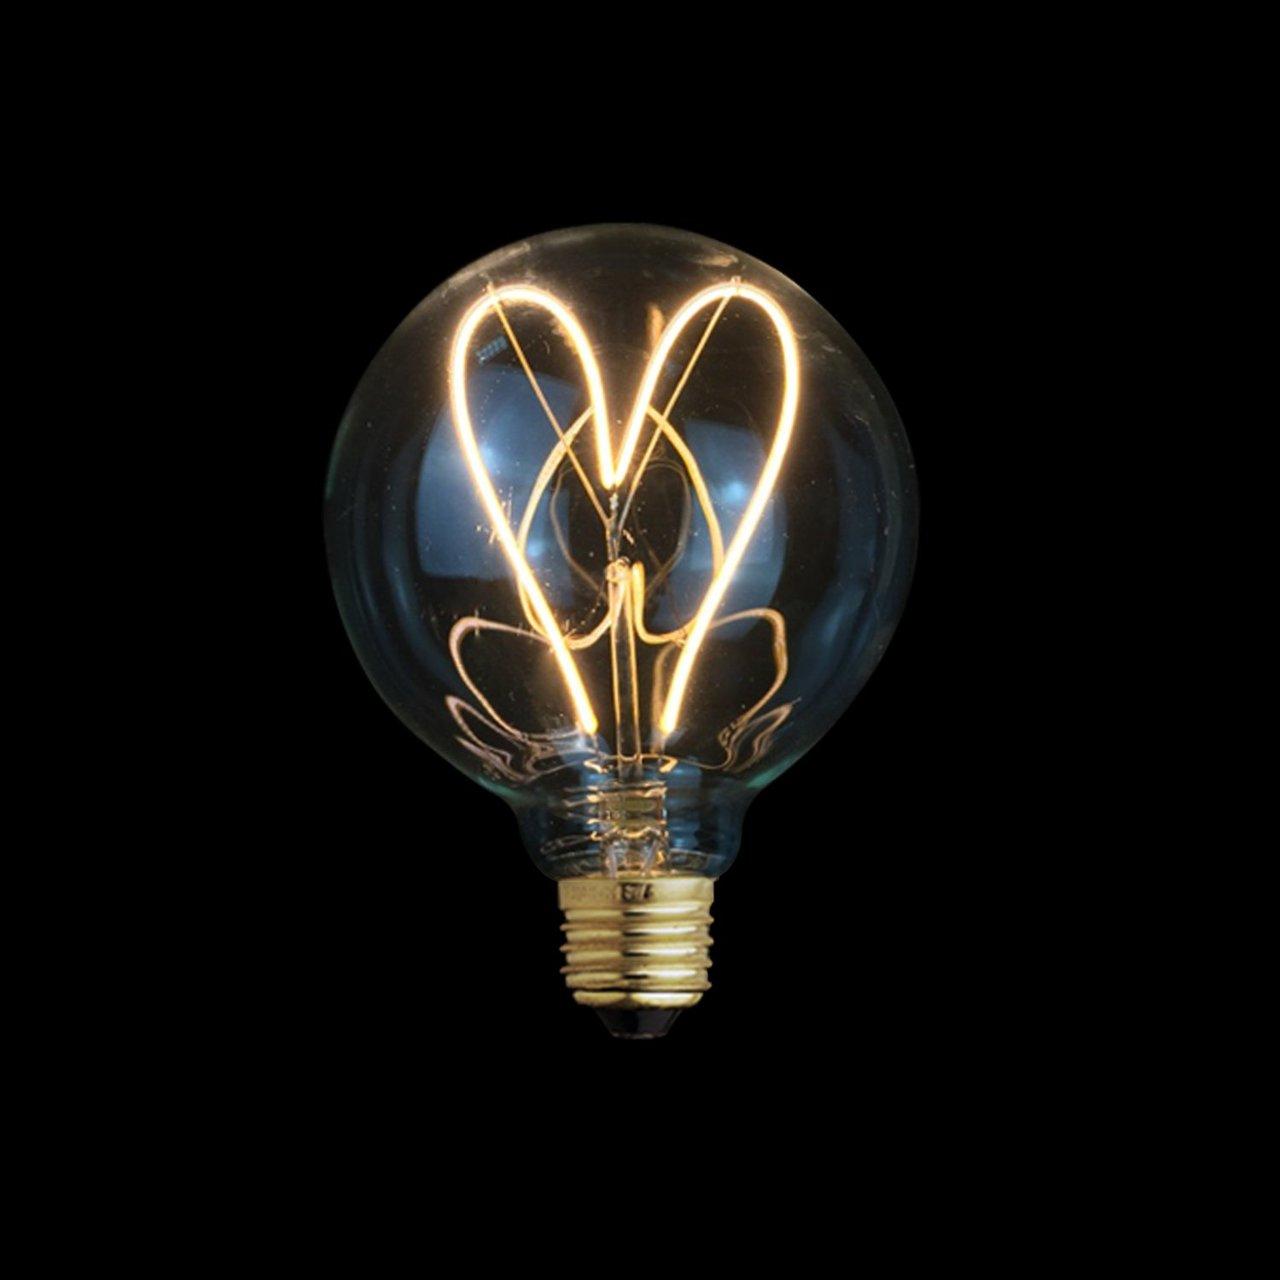 Love Globe Led Light Bulb 187 Petagadget